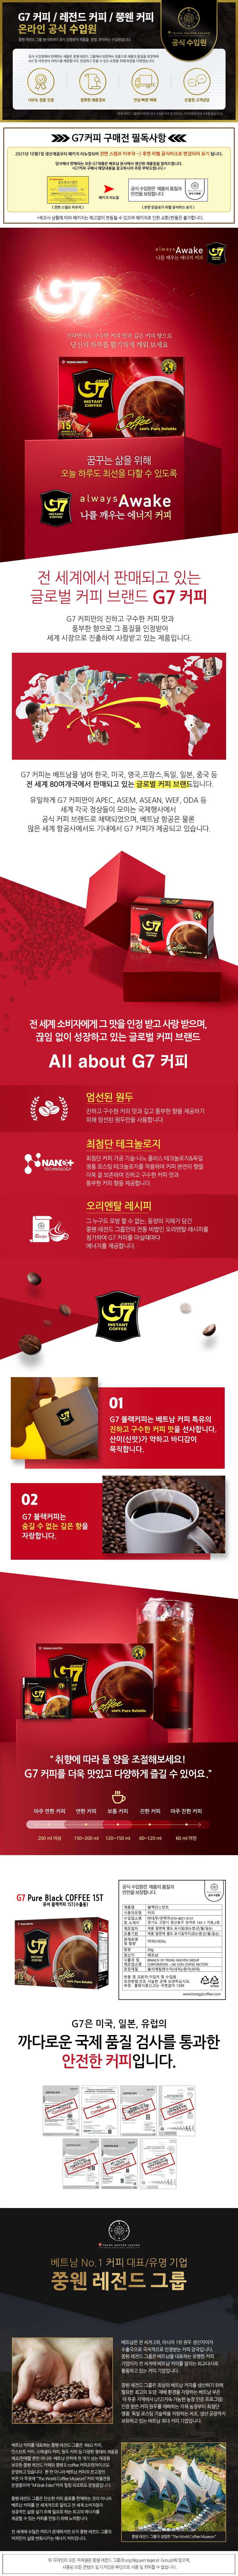 베트남 G7 블랙 30g 수입커피 - 봉지커피, 1,700원, 커피, 커피믹스/인스턴트커피